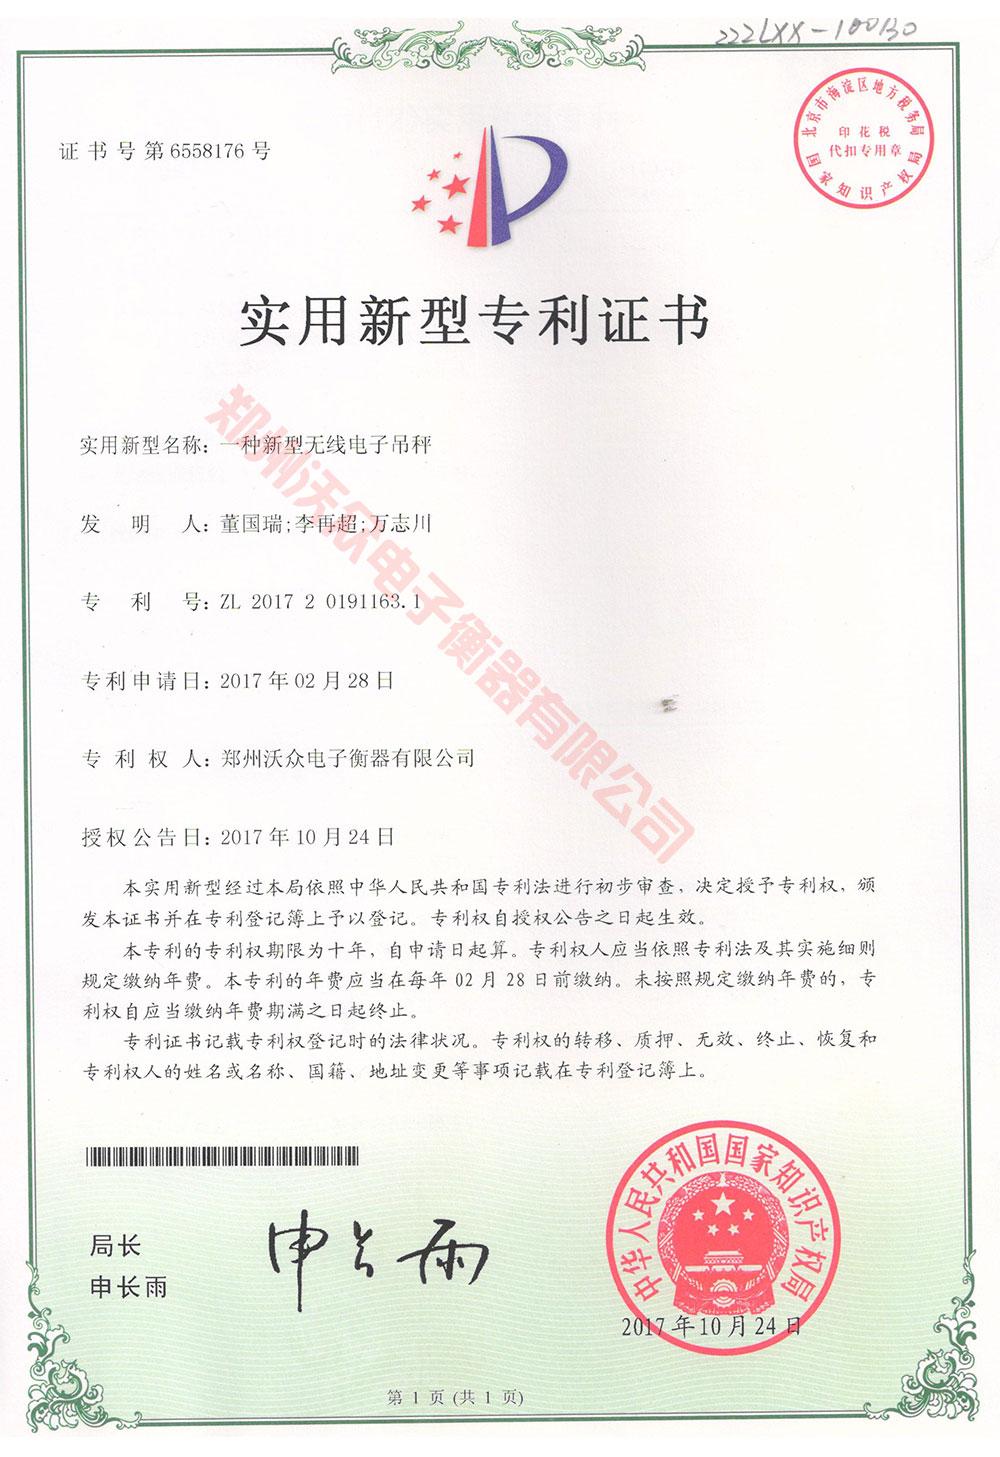 新型bob体育官方平台专利